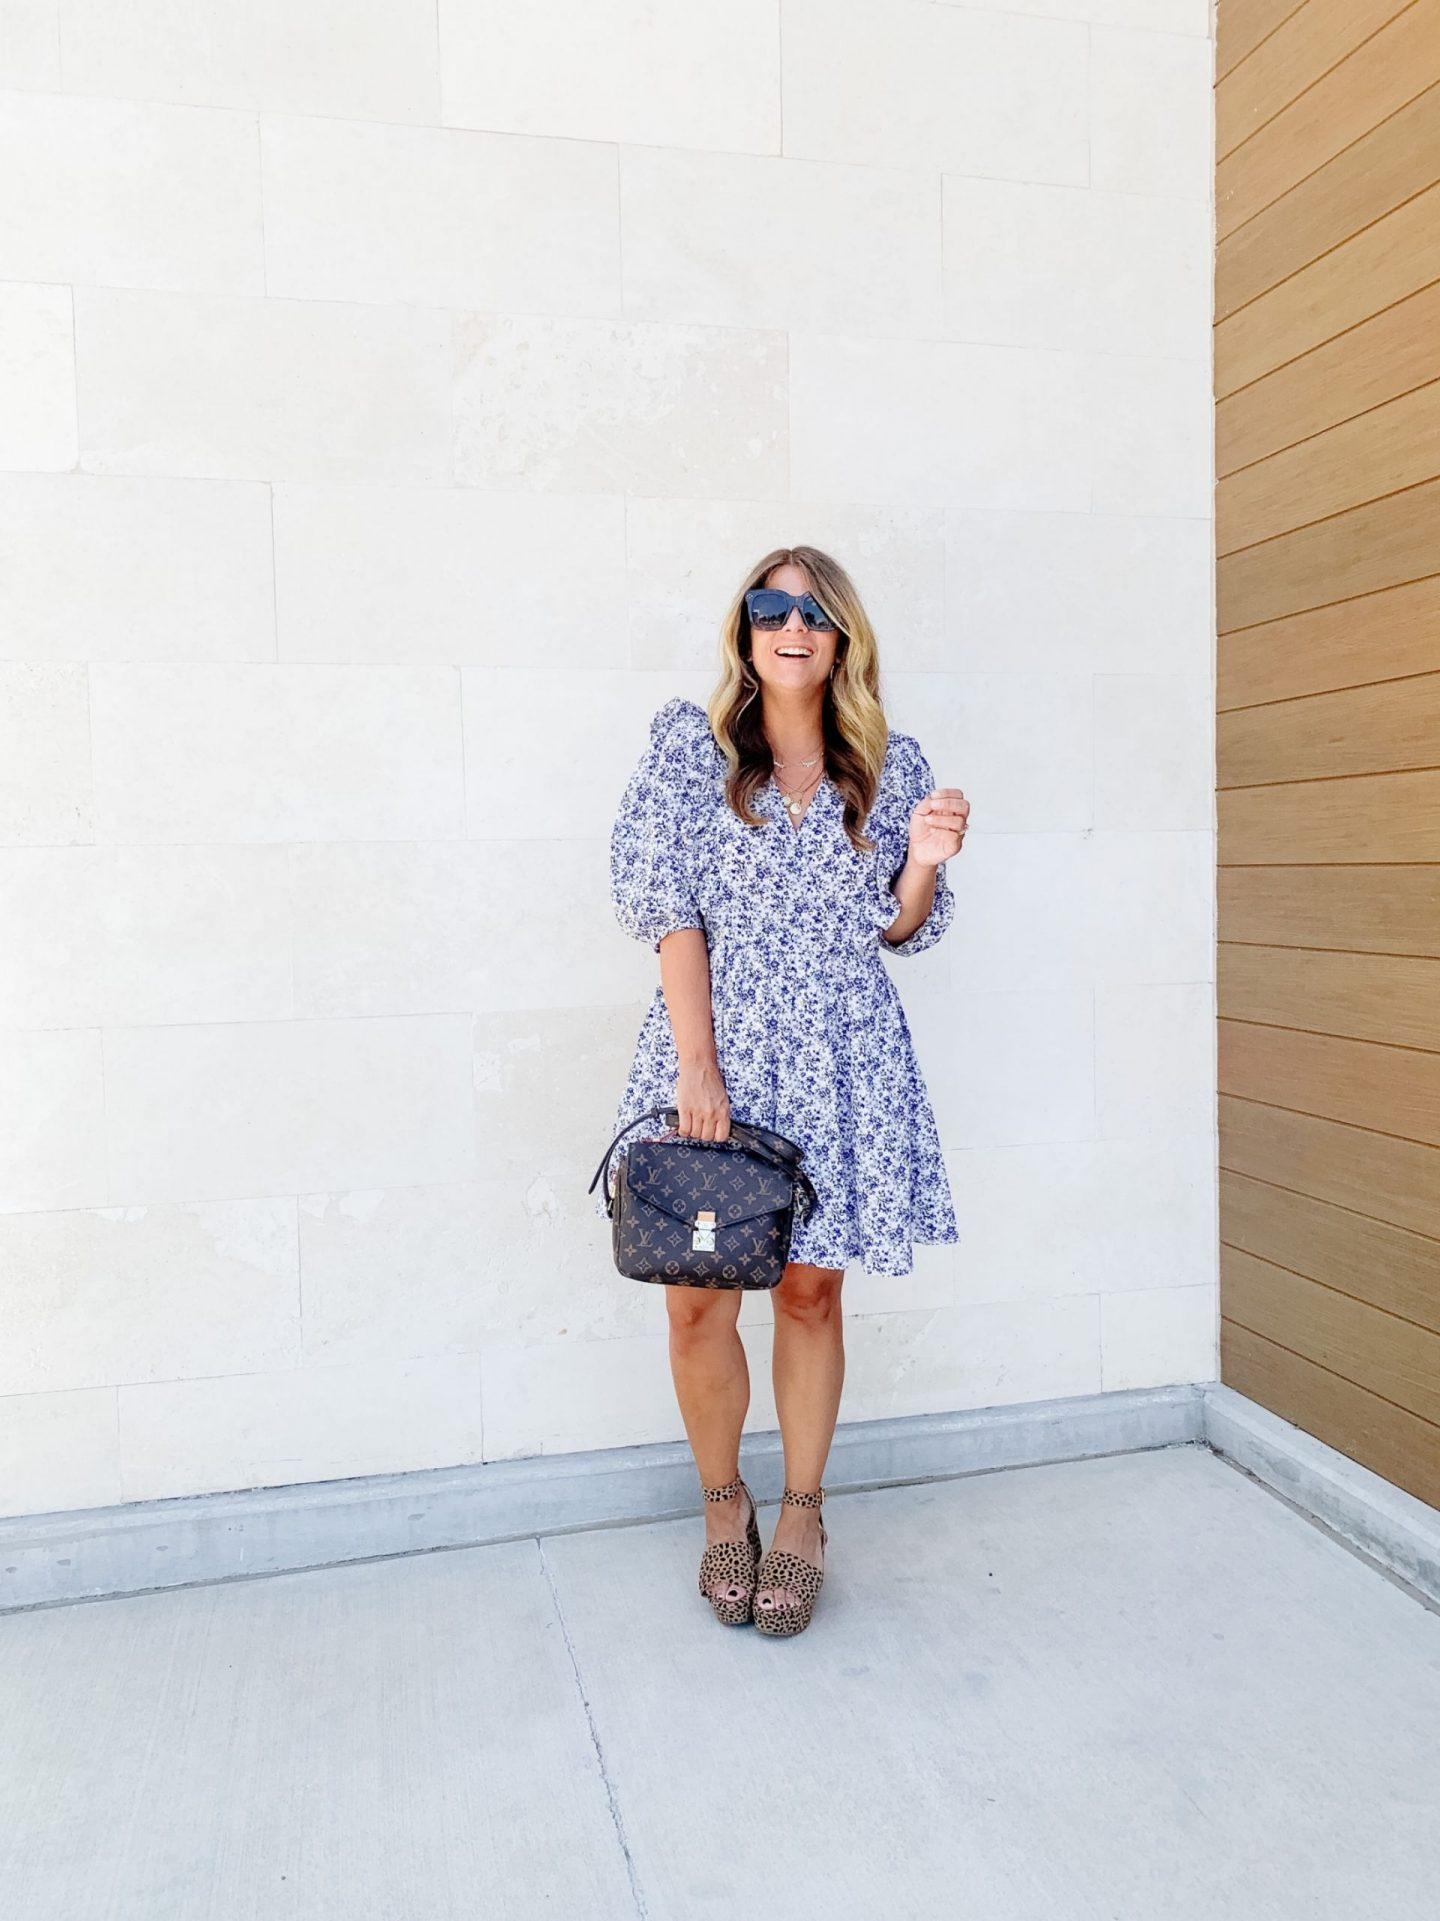 Puff Sleeve Dress, Under $50, Dress, Summer Dress, Floral Dress, Leopard Wedges